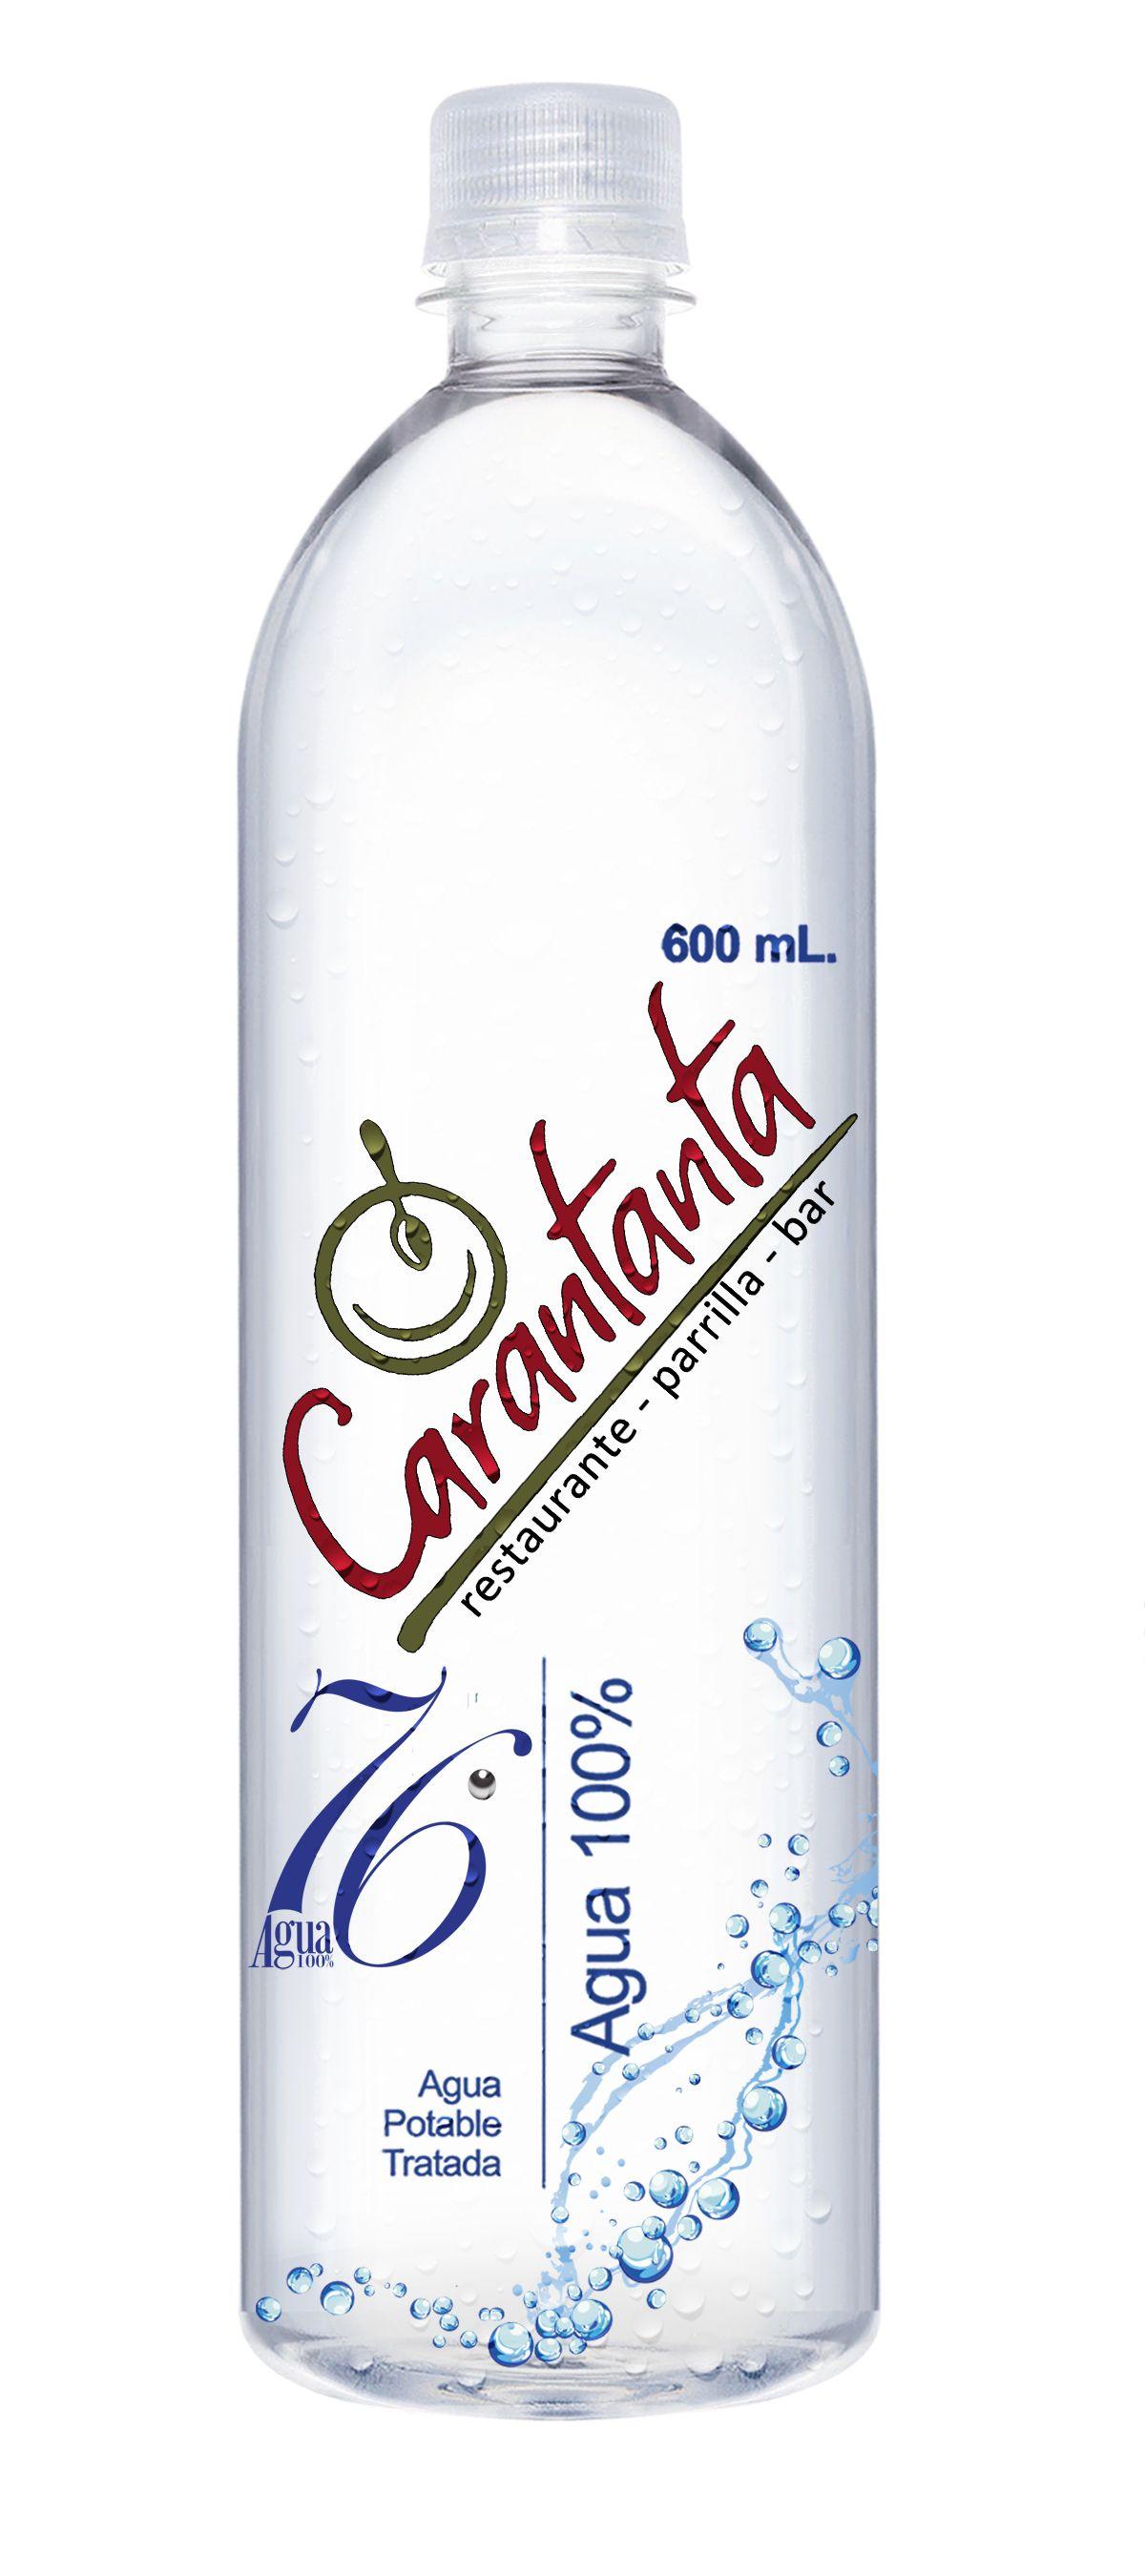 CARANTANTA - CALMA TU SED TOMA AGUA 76º